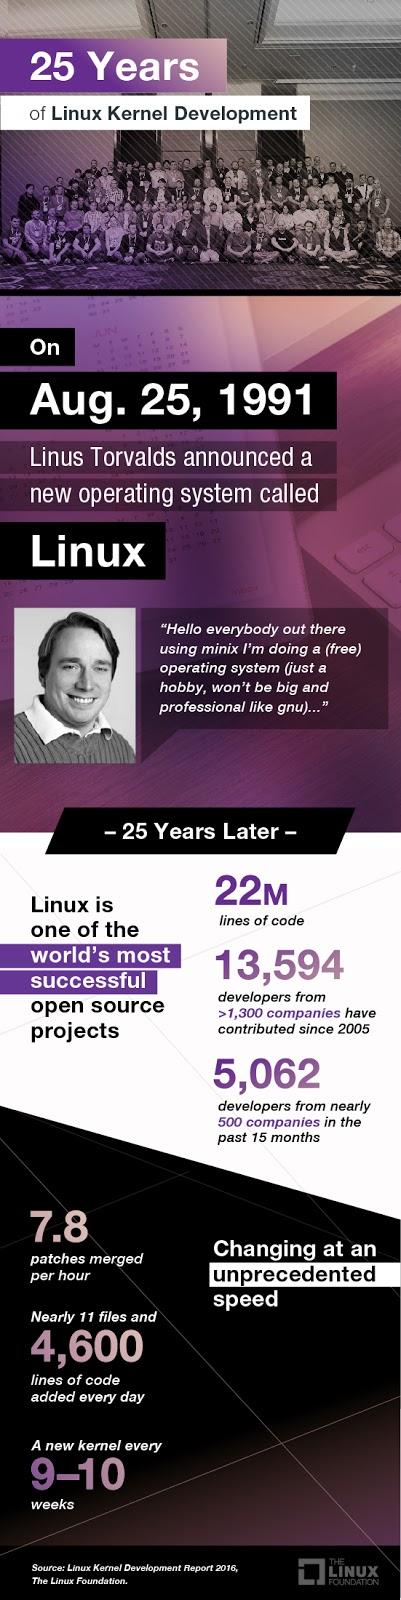 infografico-de-25-anos-de-desenvolvimento-do-kernel-Linux